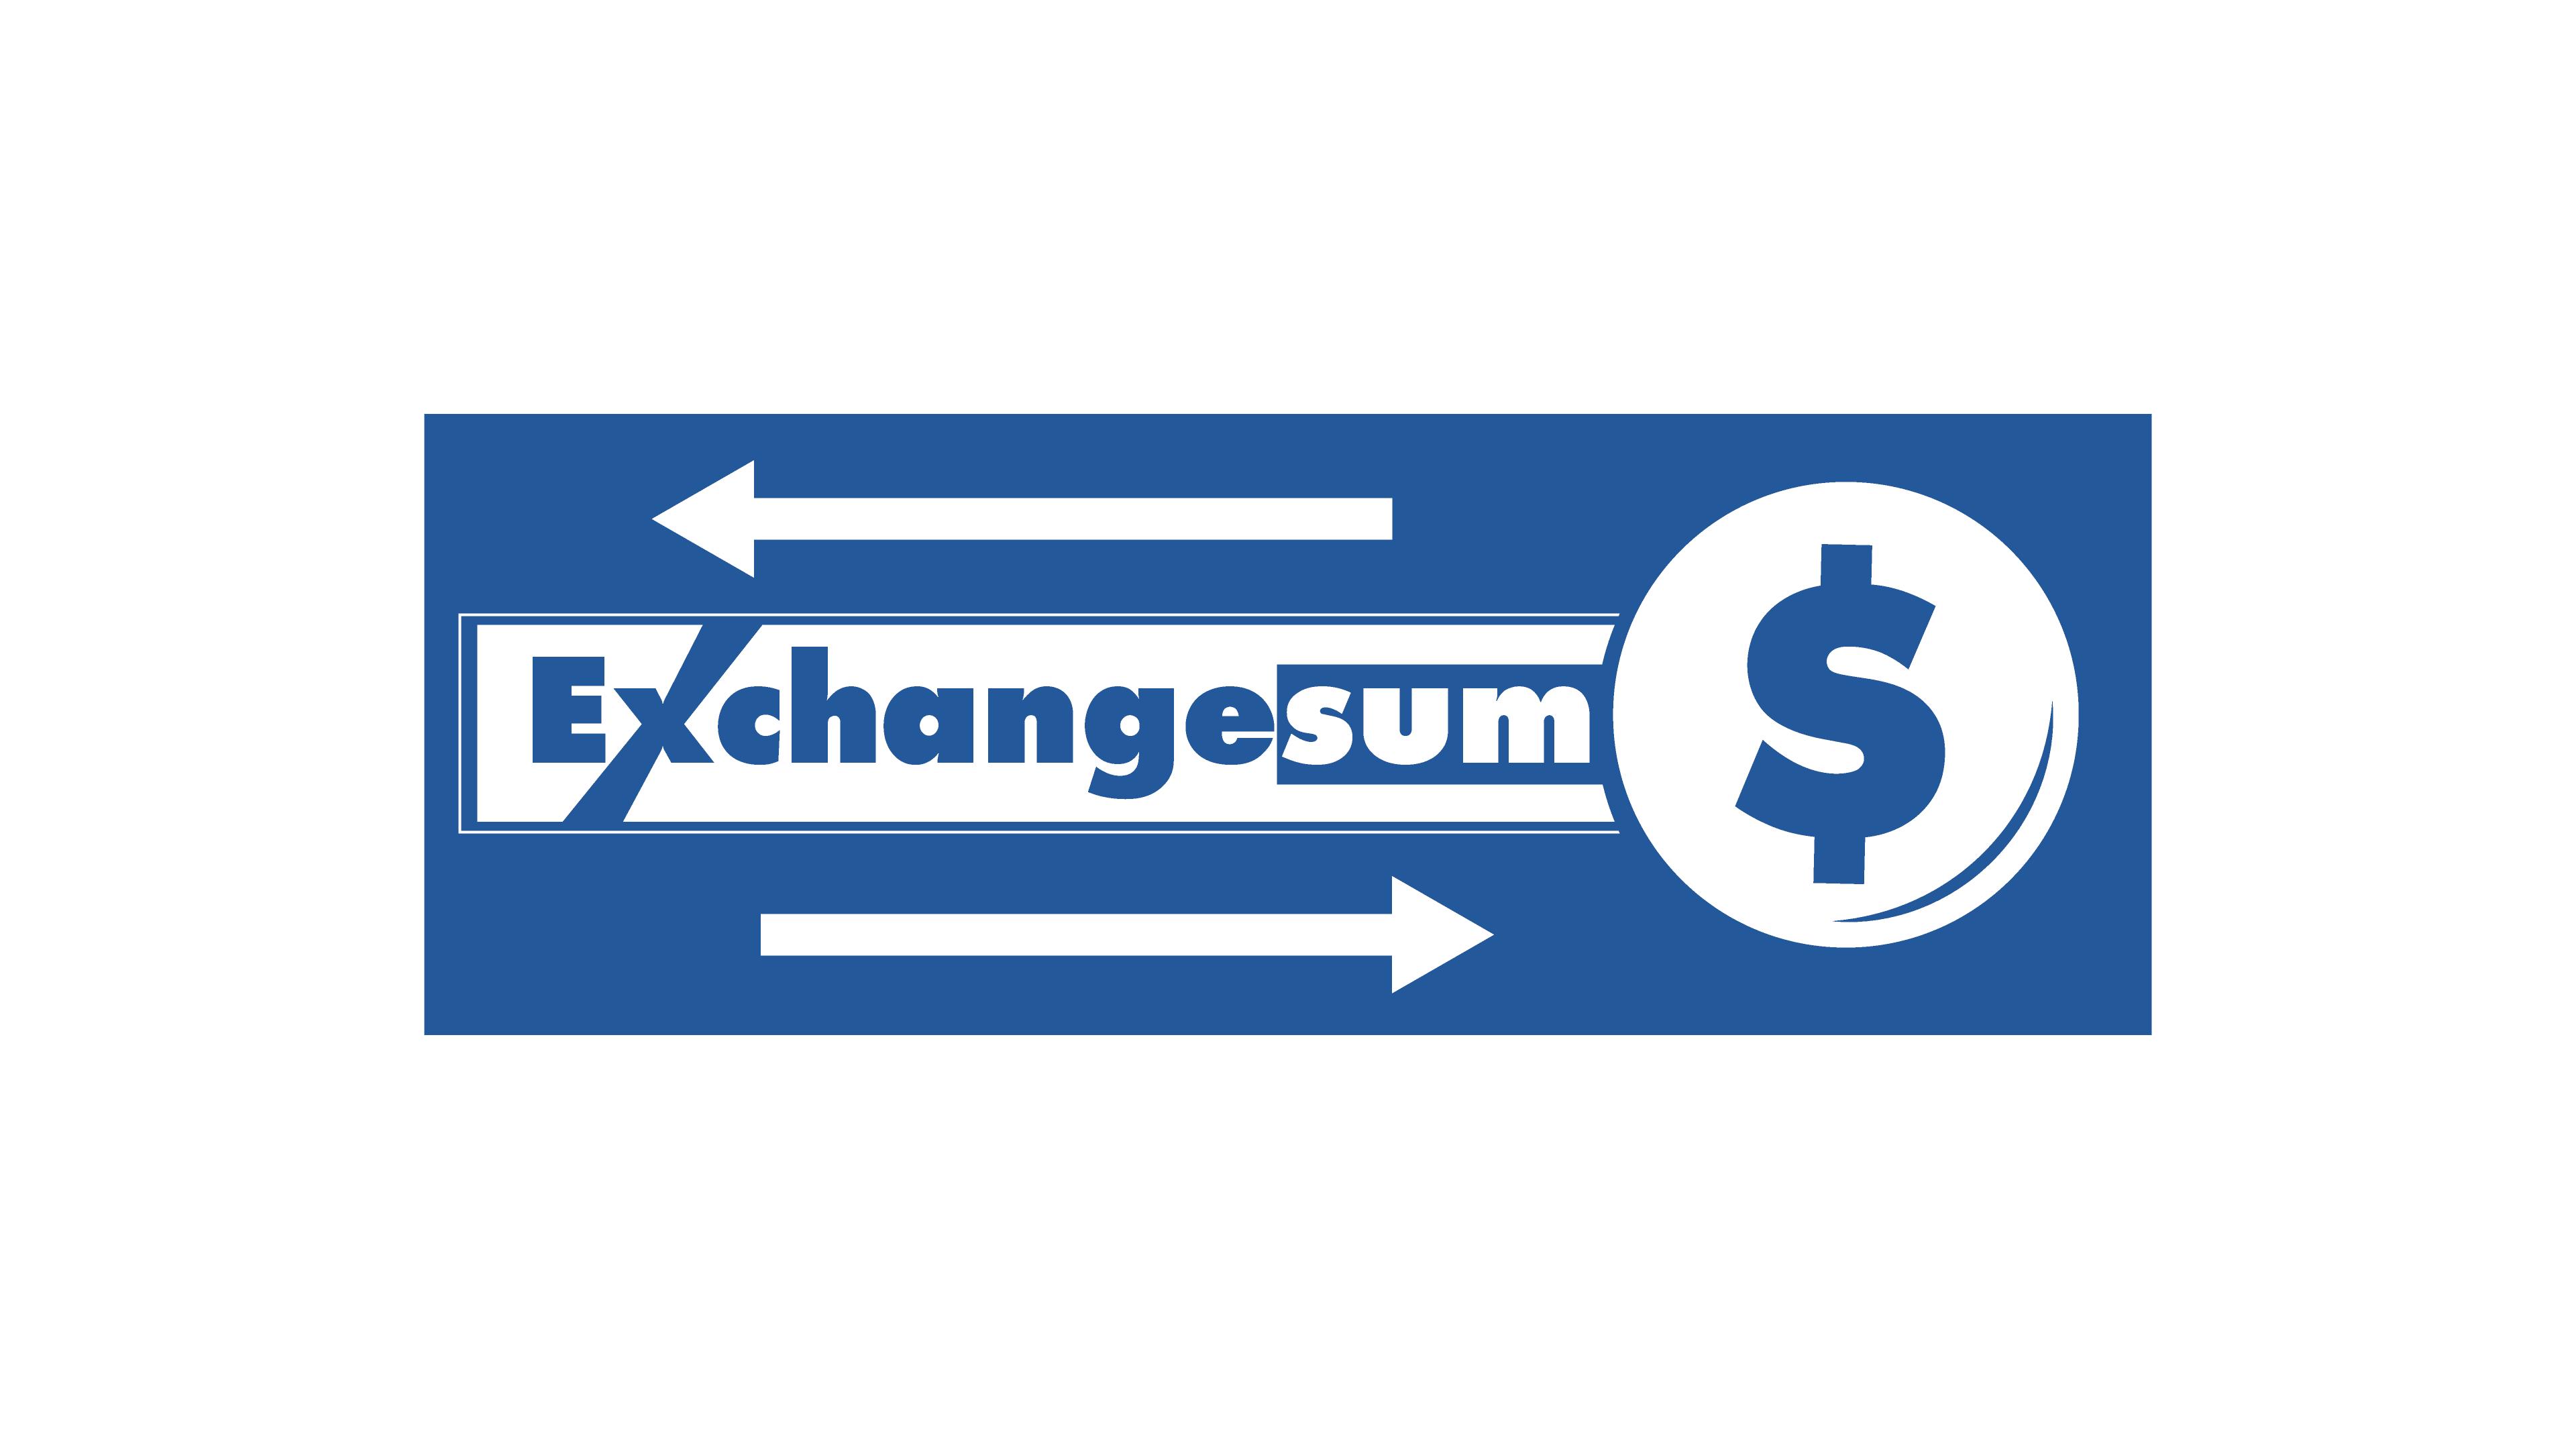 Логотип для мониторинга обменников фото f_0895bb29add15306.png